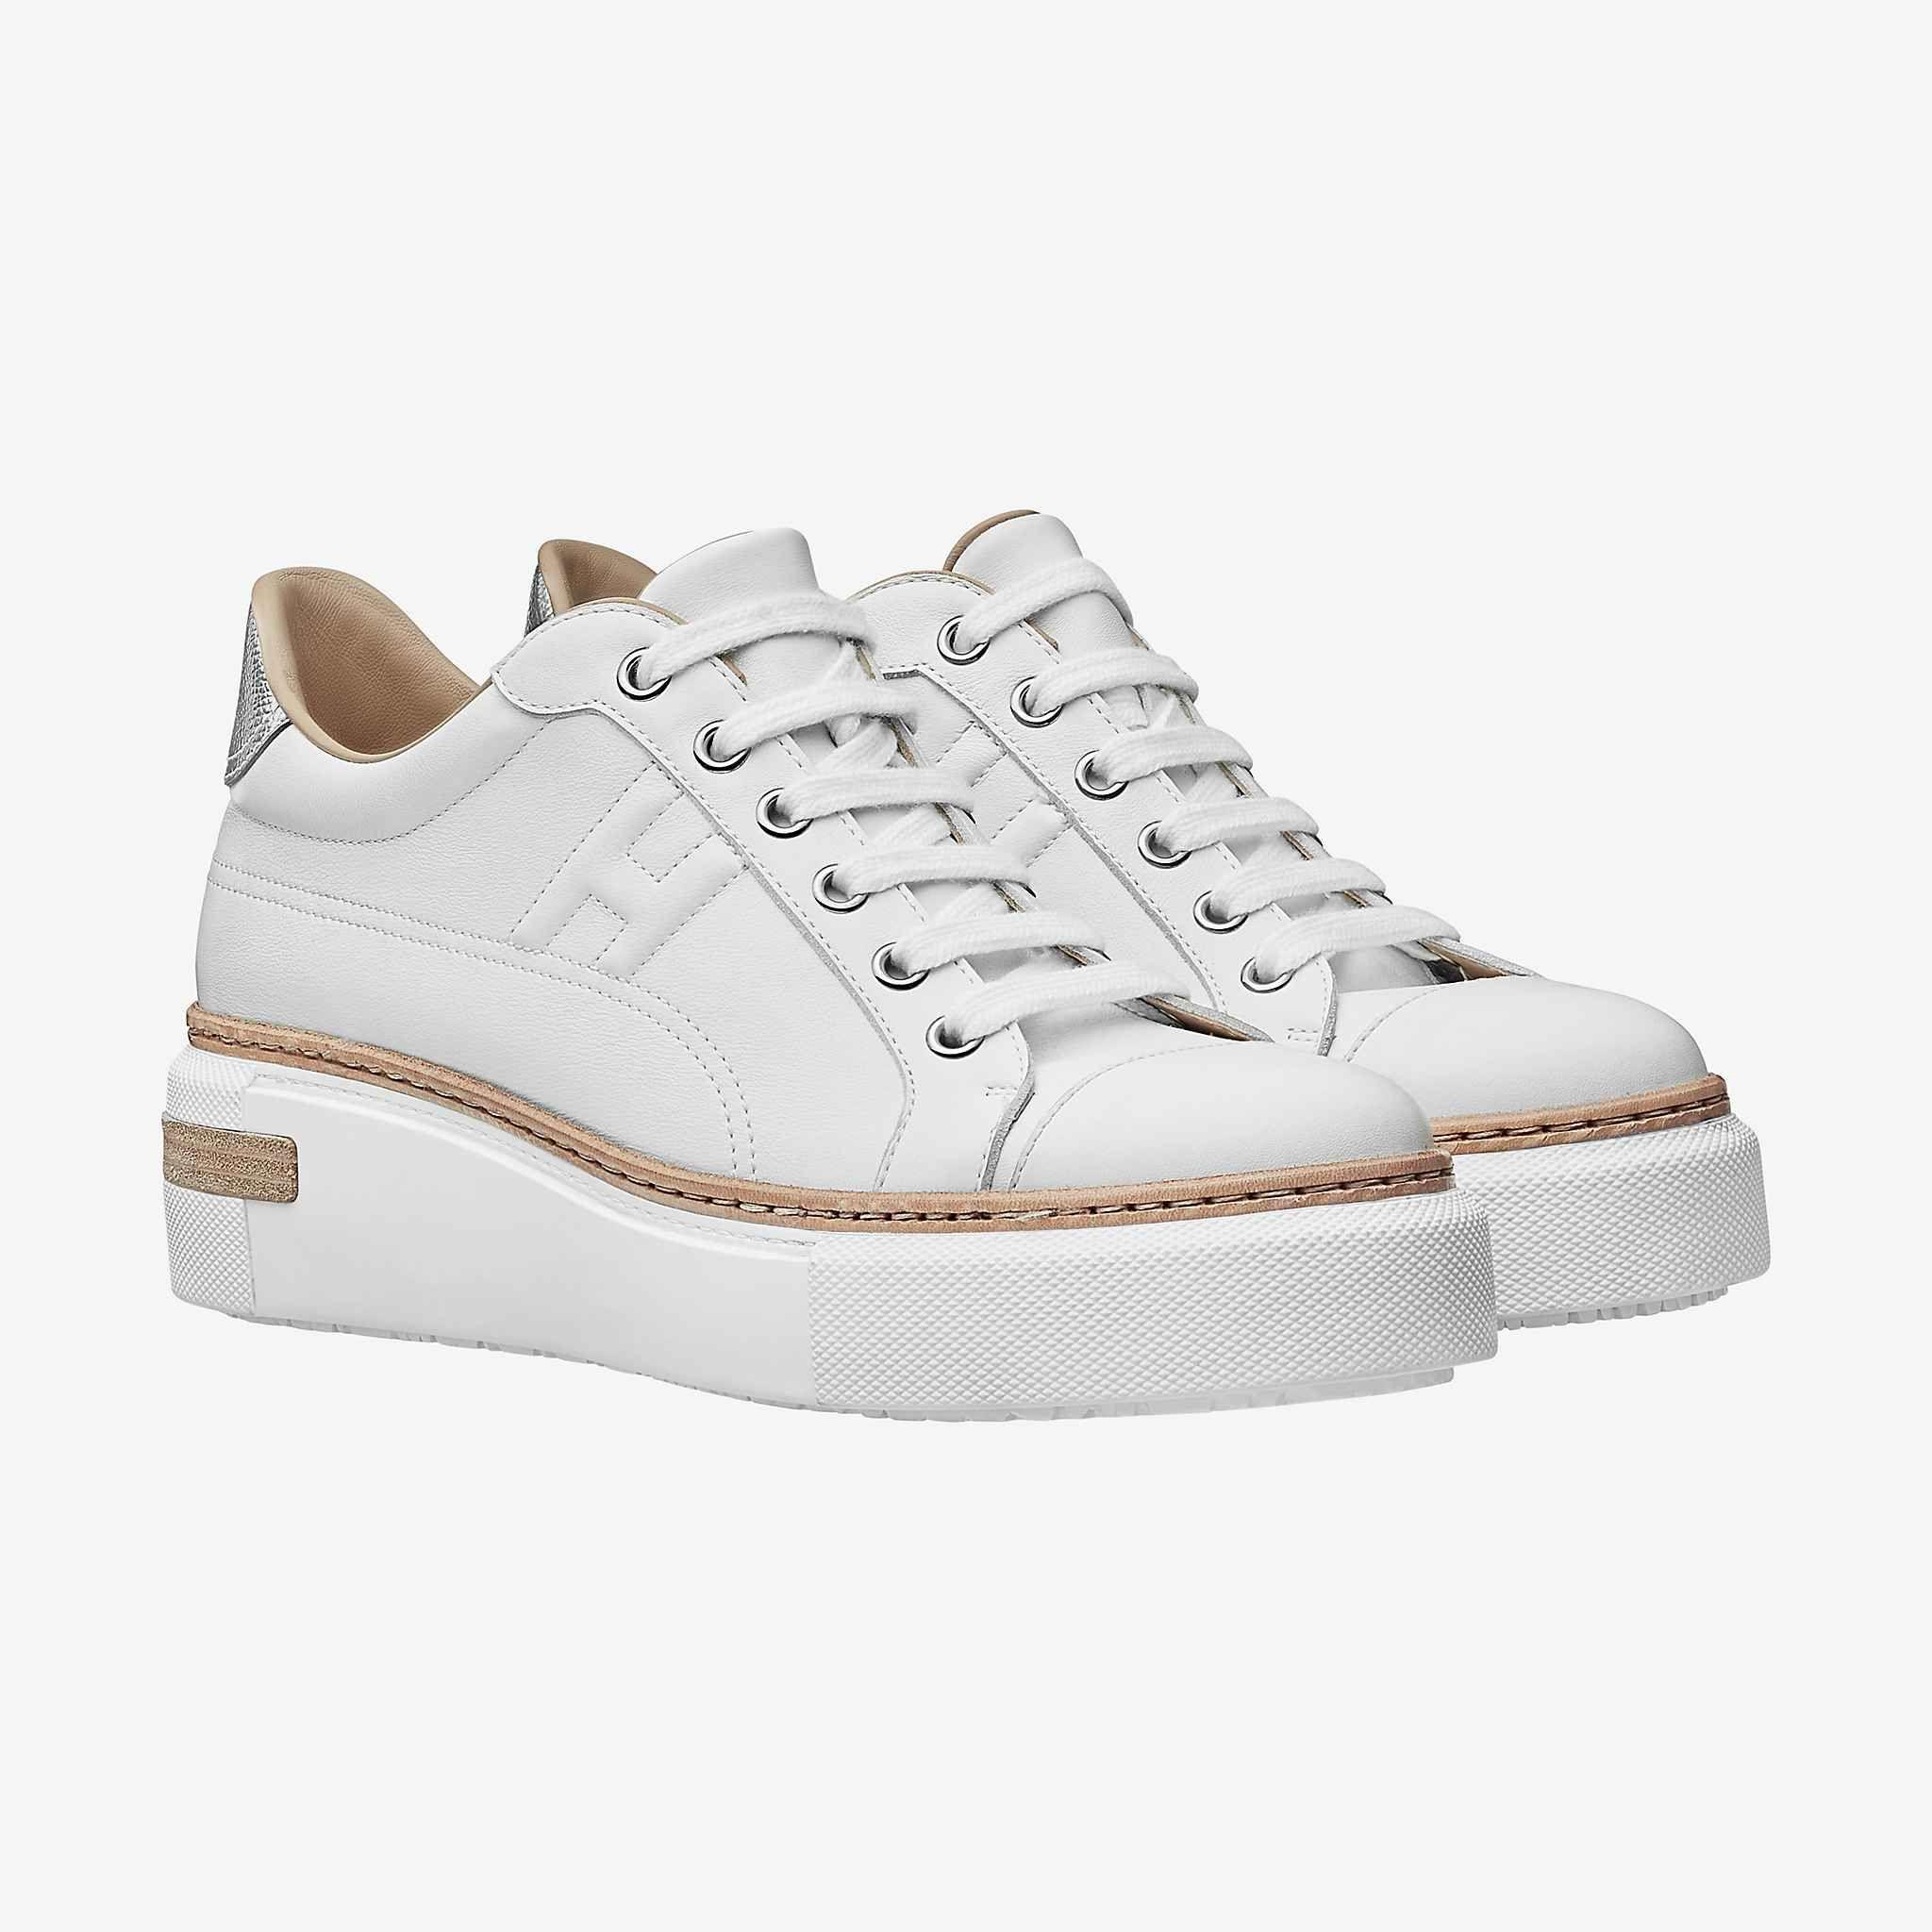 2019Twinkle Sneaker Toes In Polo ShoesHermesSneakers wPiTOZluXk